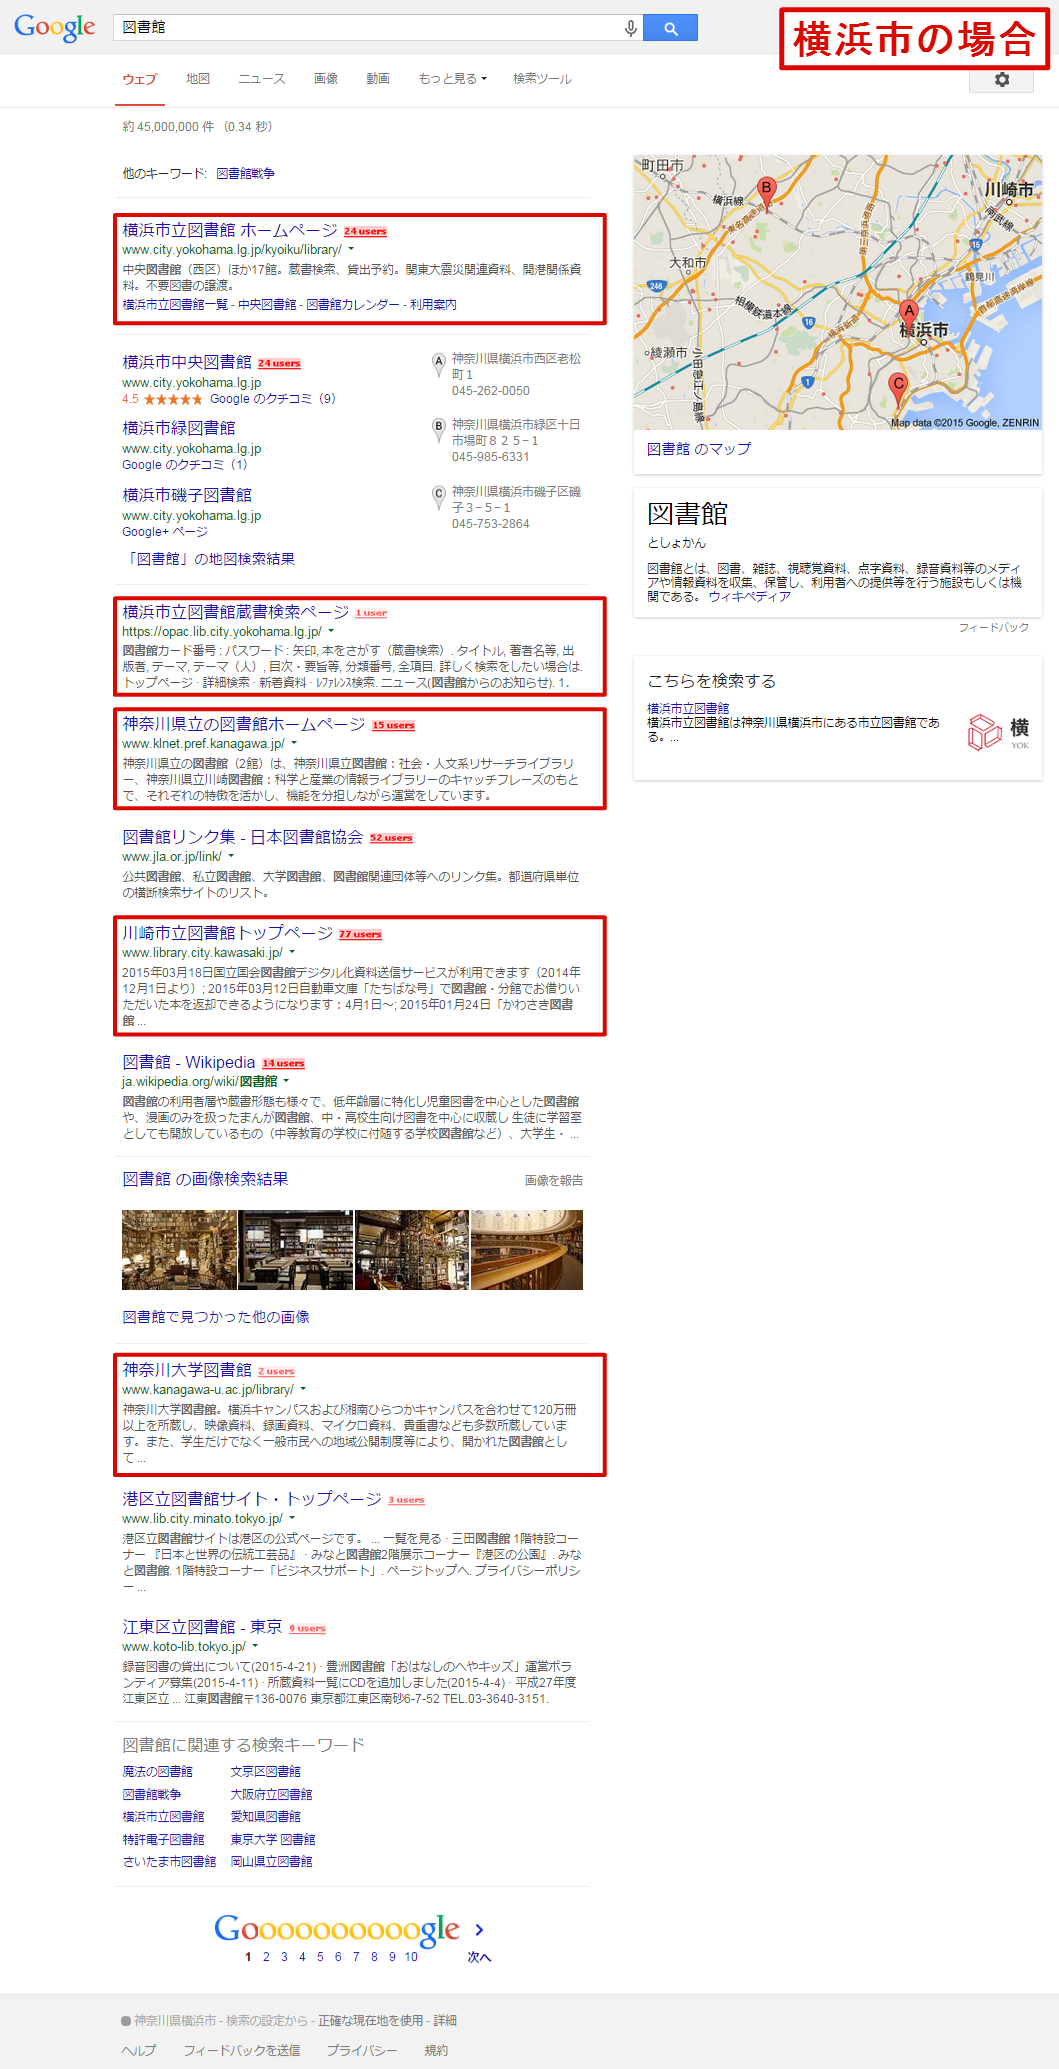 横浜周辺の図書館が検索結果の上位を占めている